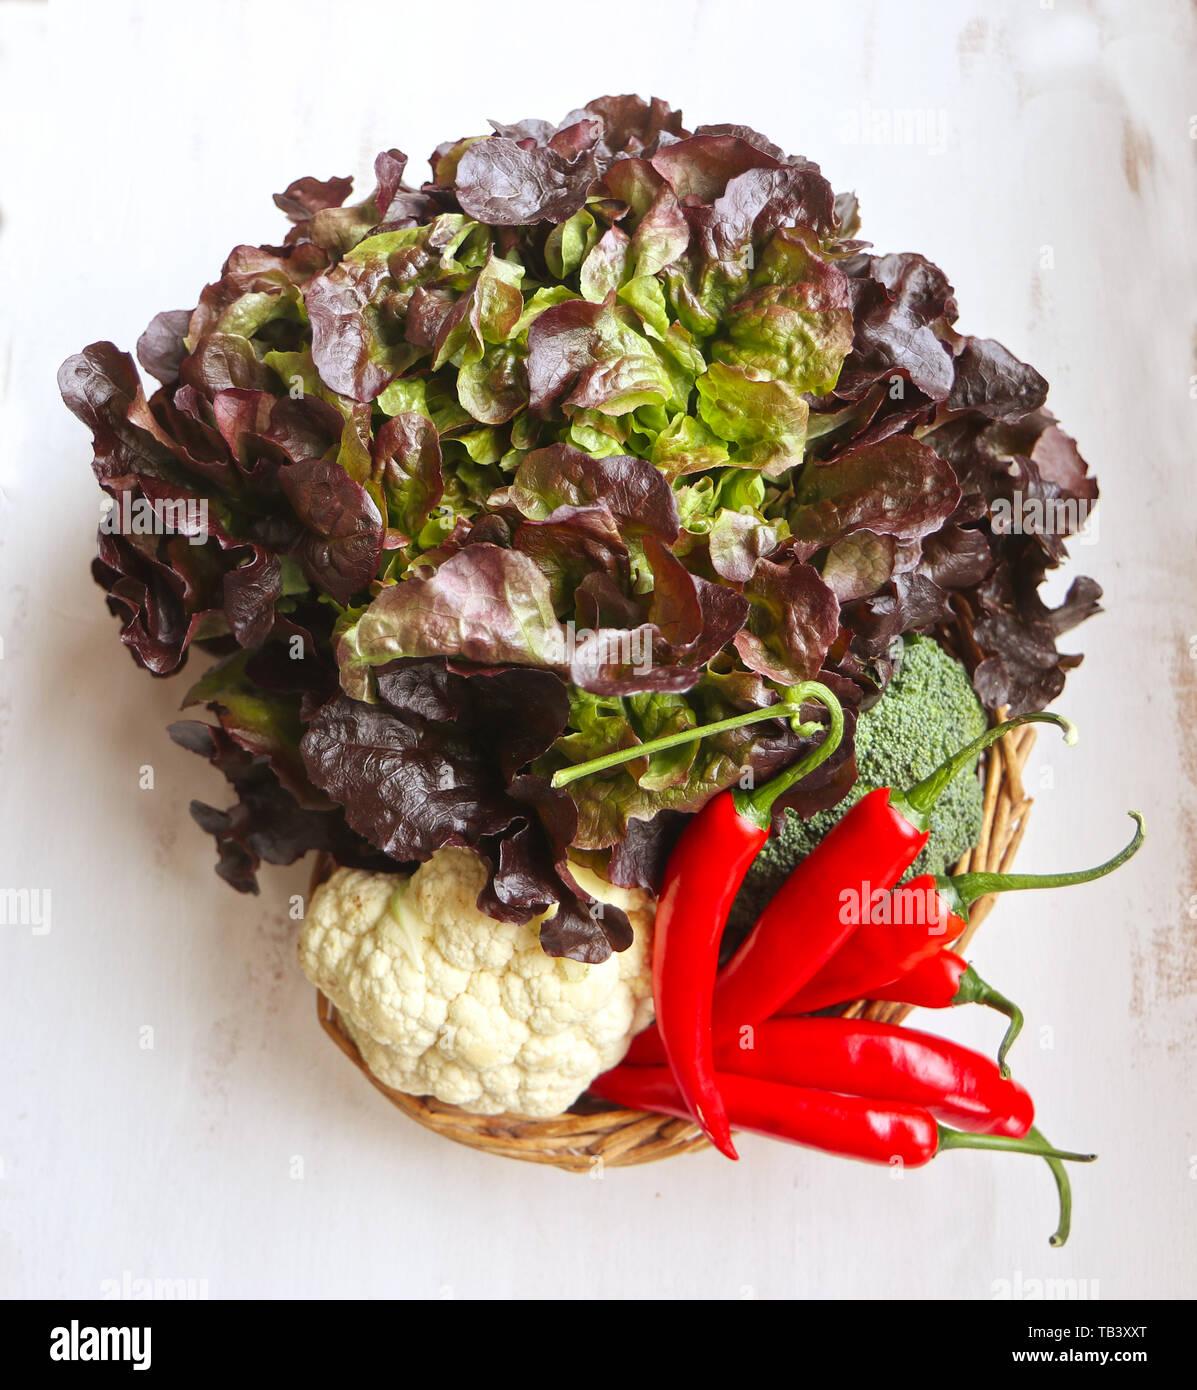 Laitue batavia rouge, chou-fleur et les poivrons rouges ingrédients: des salades d'été Banque D'Images